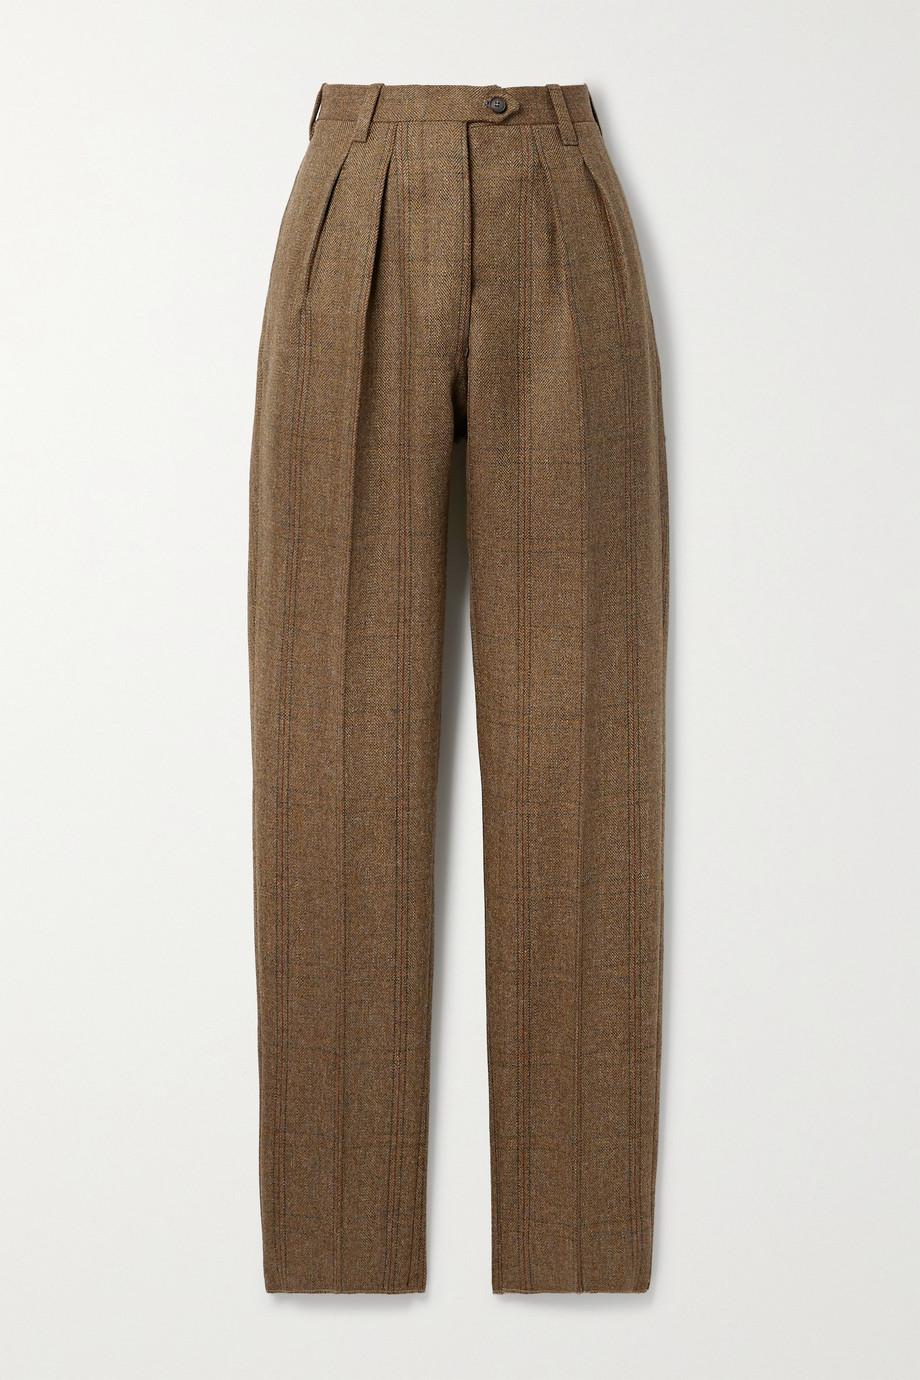 Giuliva Heritage + NET SUSTAIN The Husband Hose mit schmalem Bein aus karierter Wolle mit Fischgratmuster